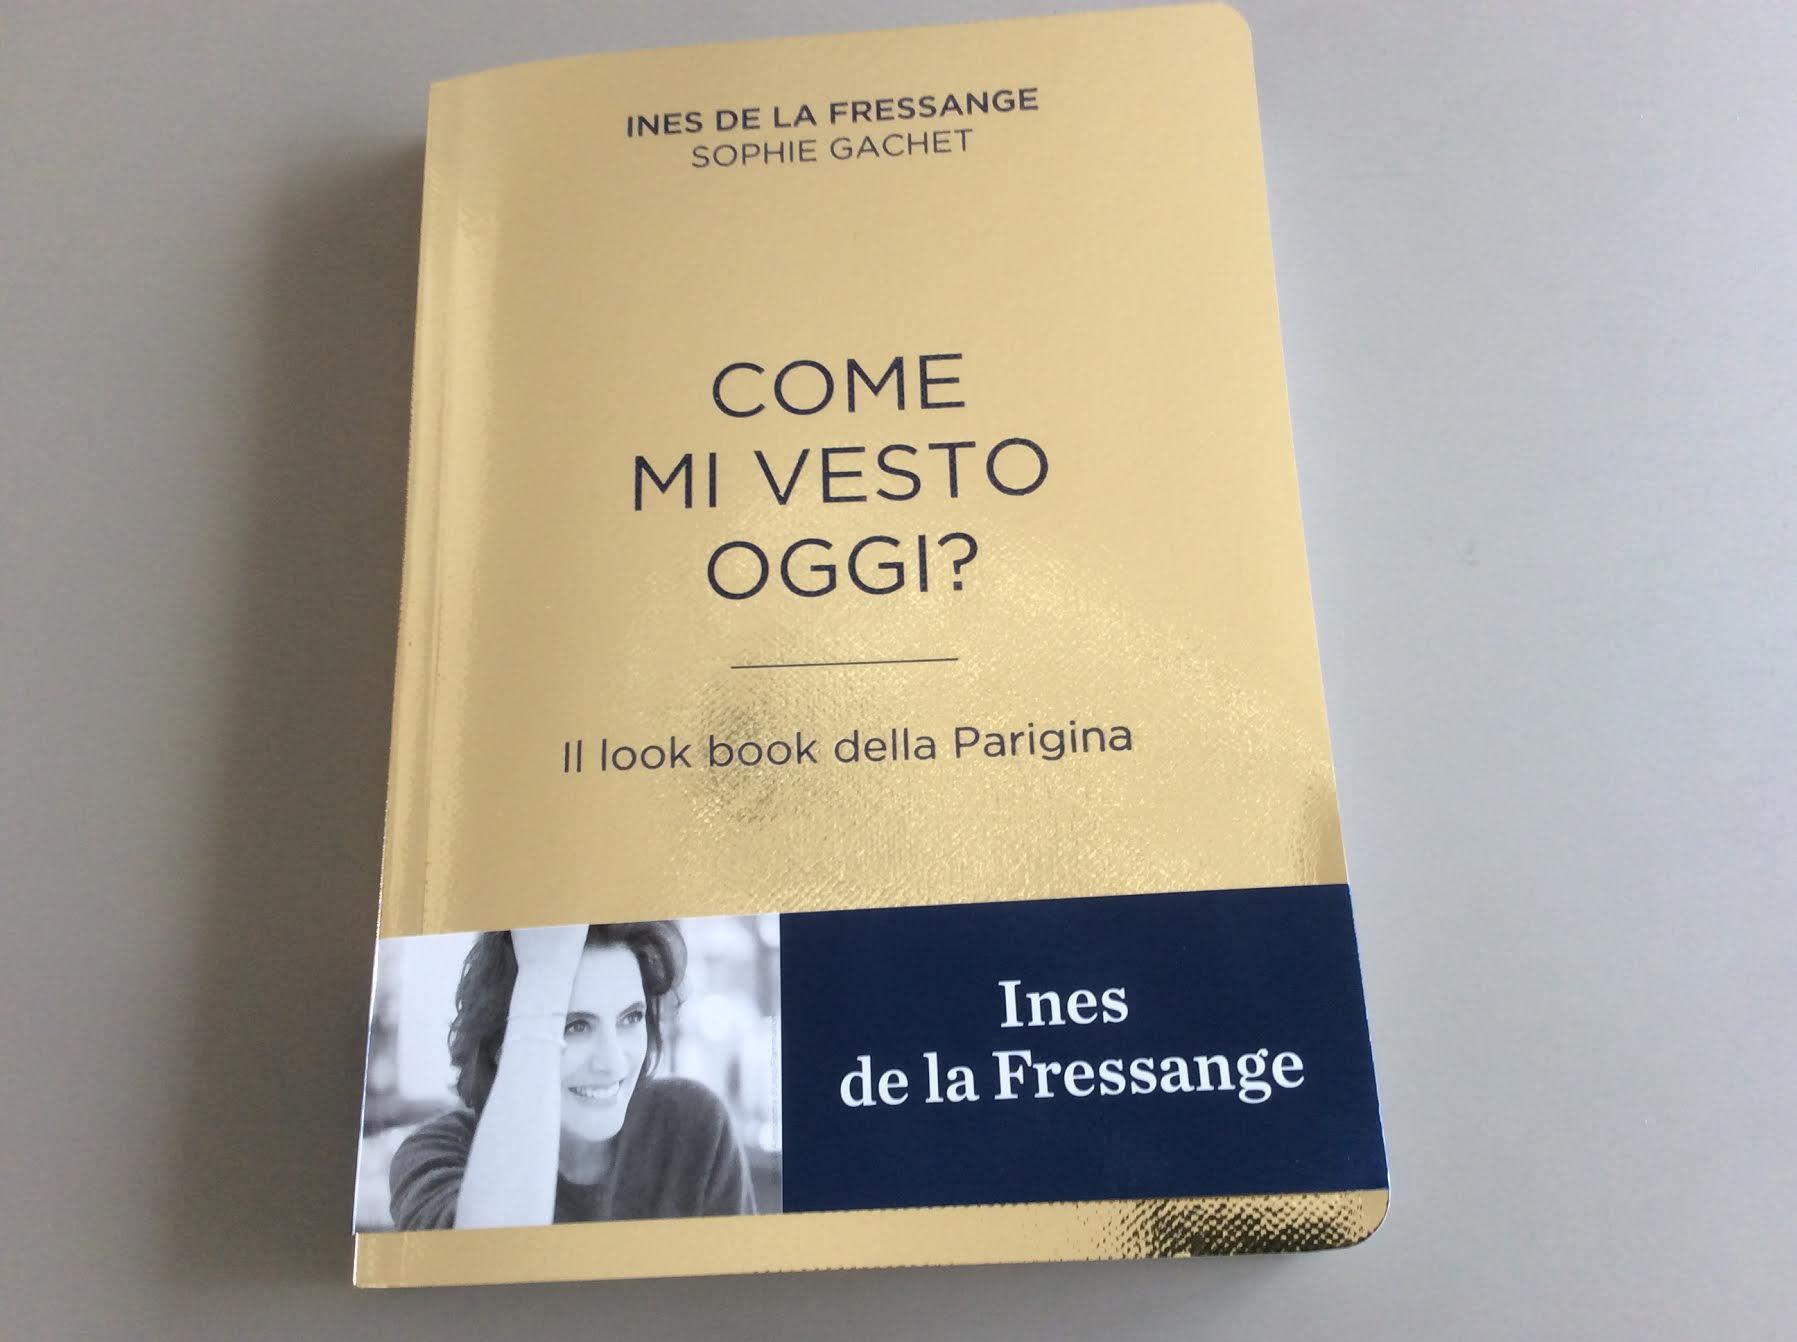 9430bc7215b39 Stile quotidiano - Blog - Finegil